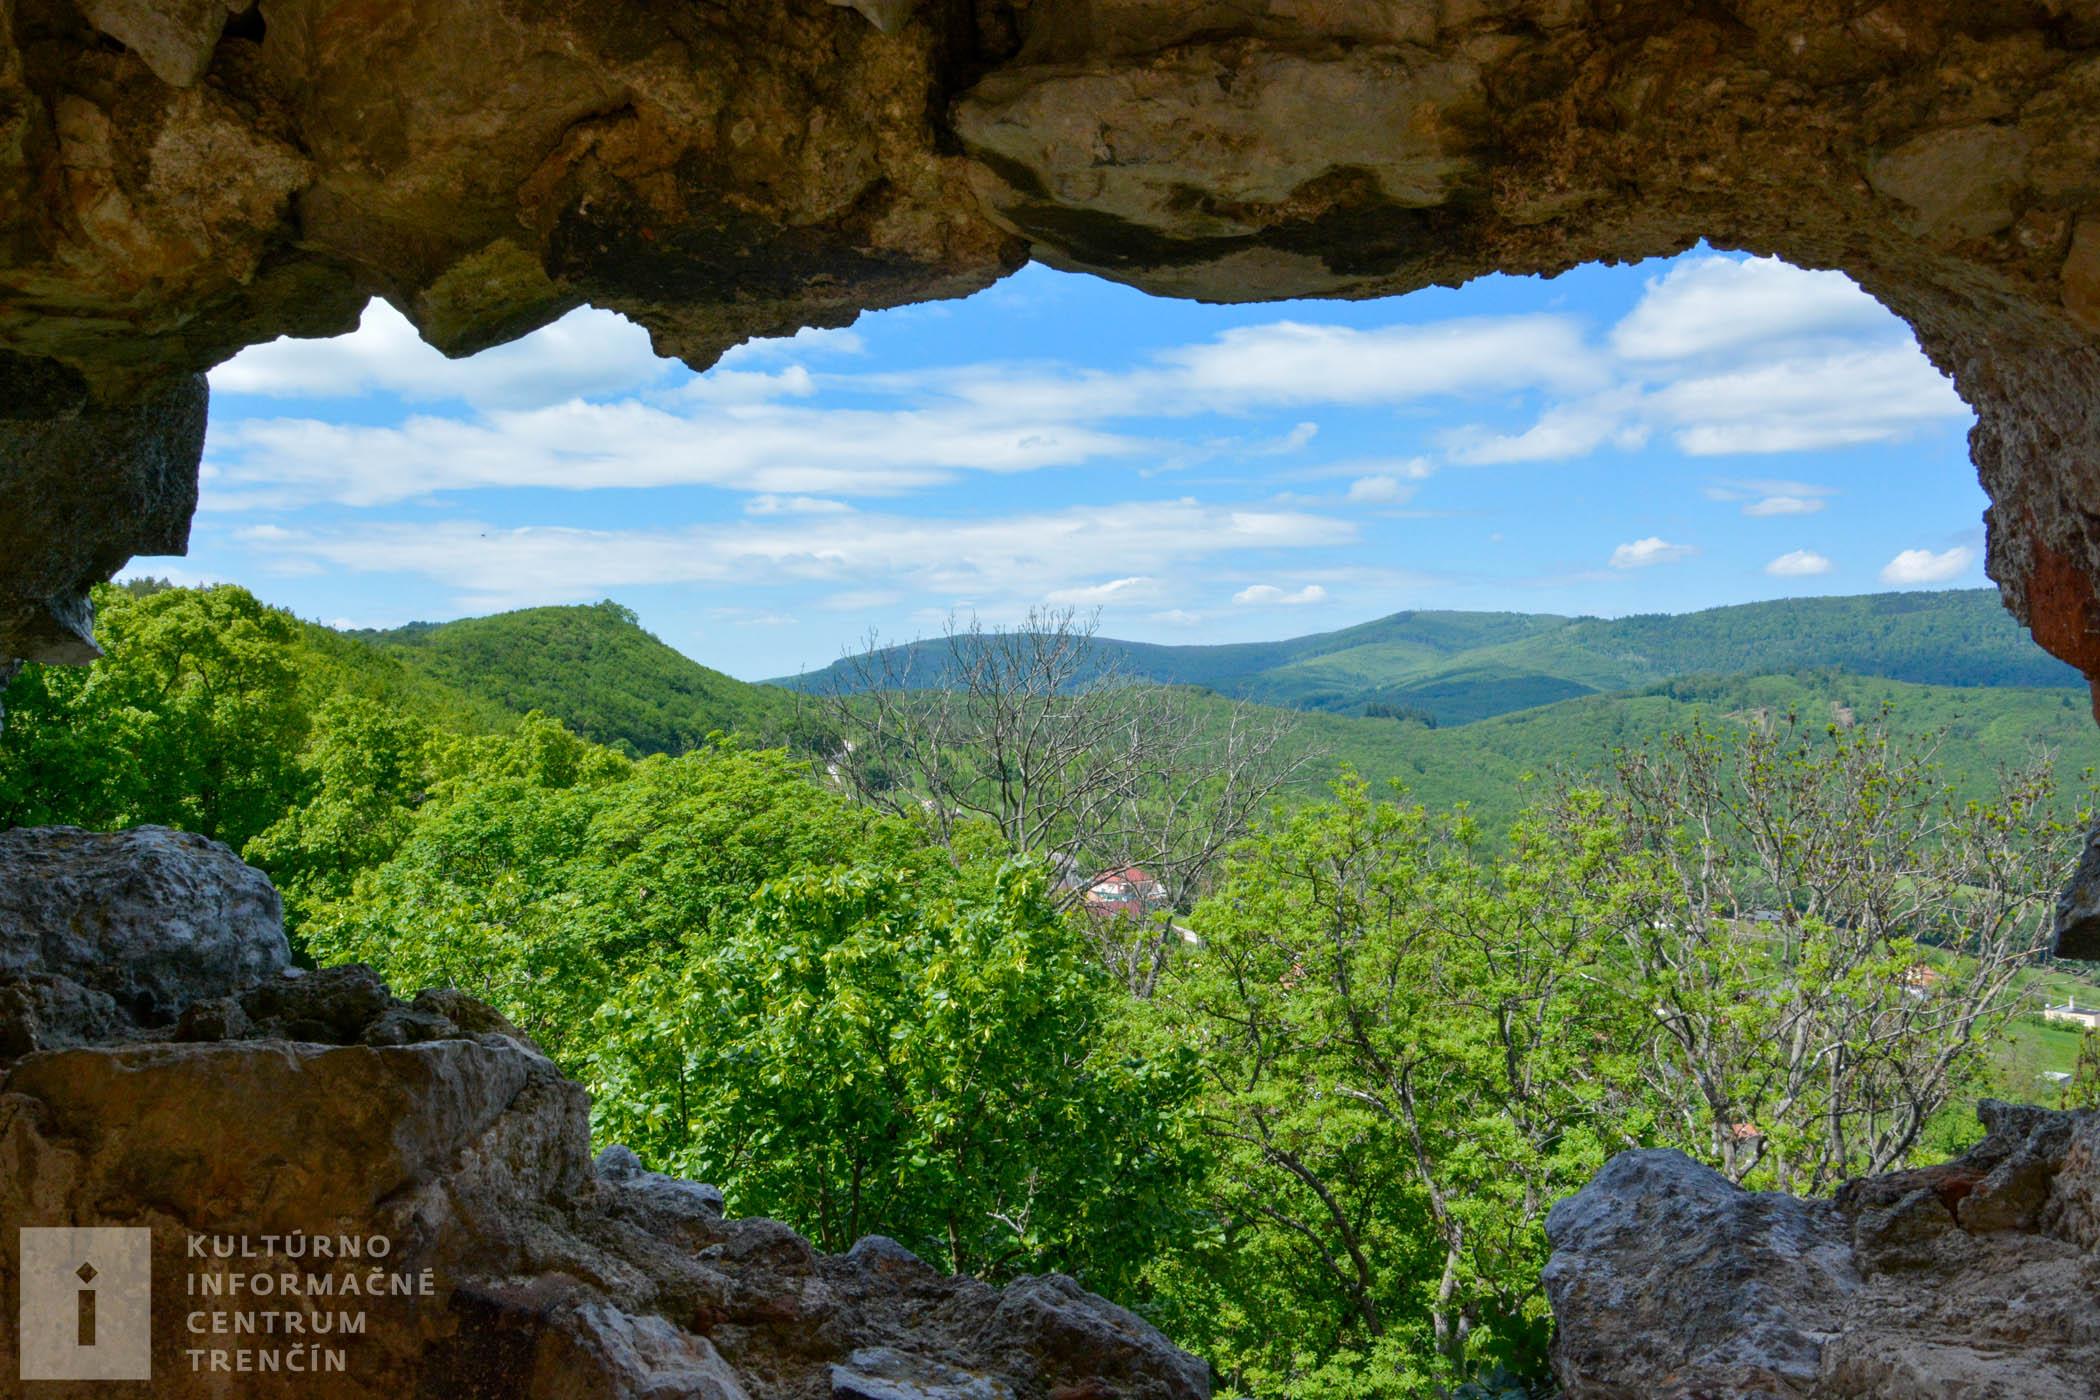 Hrad sa nachádza priamo nad obcou Podhradie a je z neho nádherný výhľad na Hornú Nitru, vrch Zobor či Strážovské vrchy.